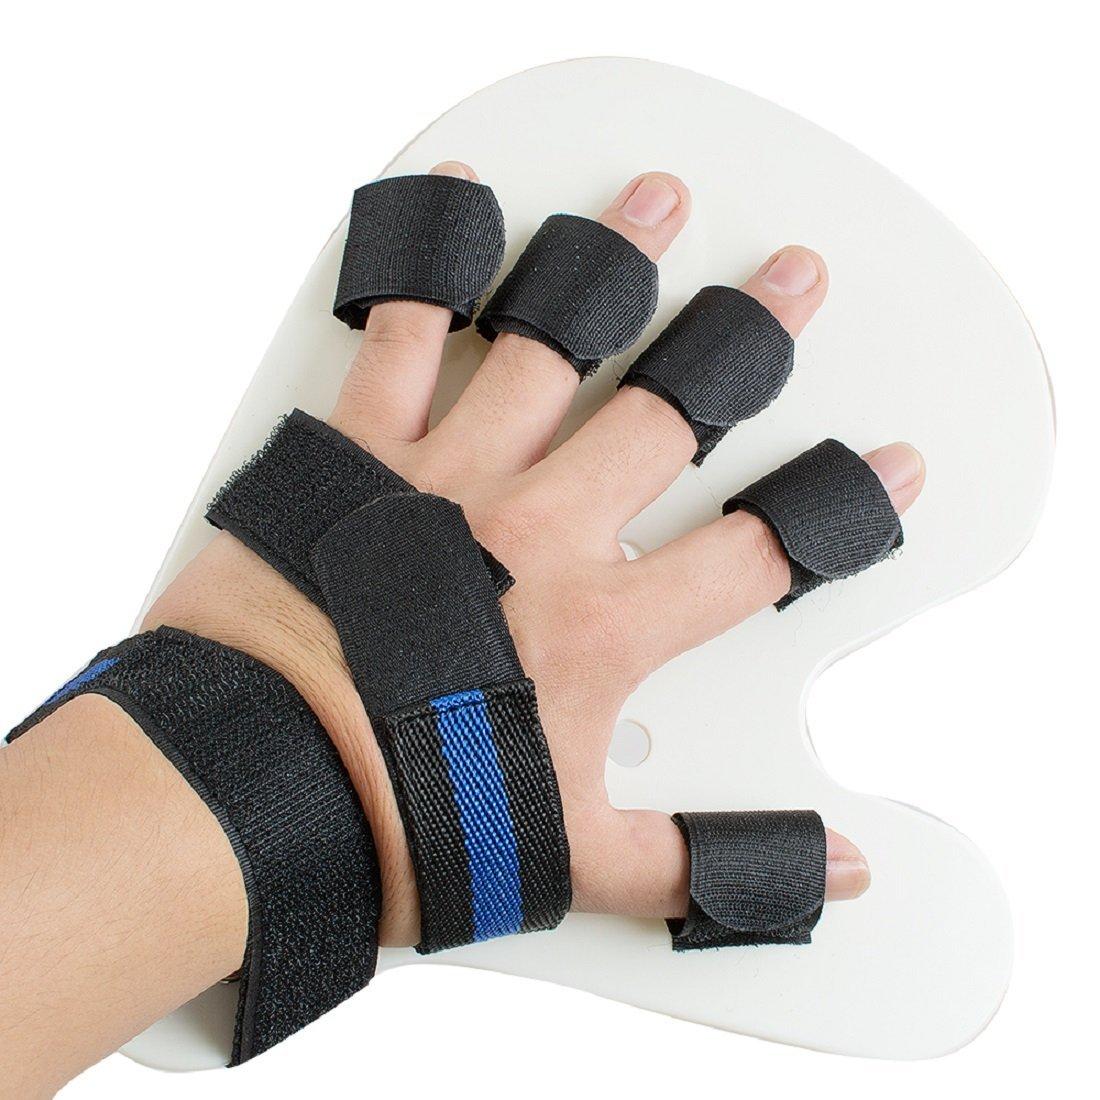 Tinsay 1 Finger Orthotics Points Fingerboard Stroke Hemiplegia Finger Splint Training Rehabilitation Training Equipment Finger Trainer Left Hand (S)